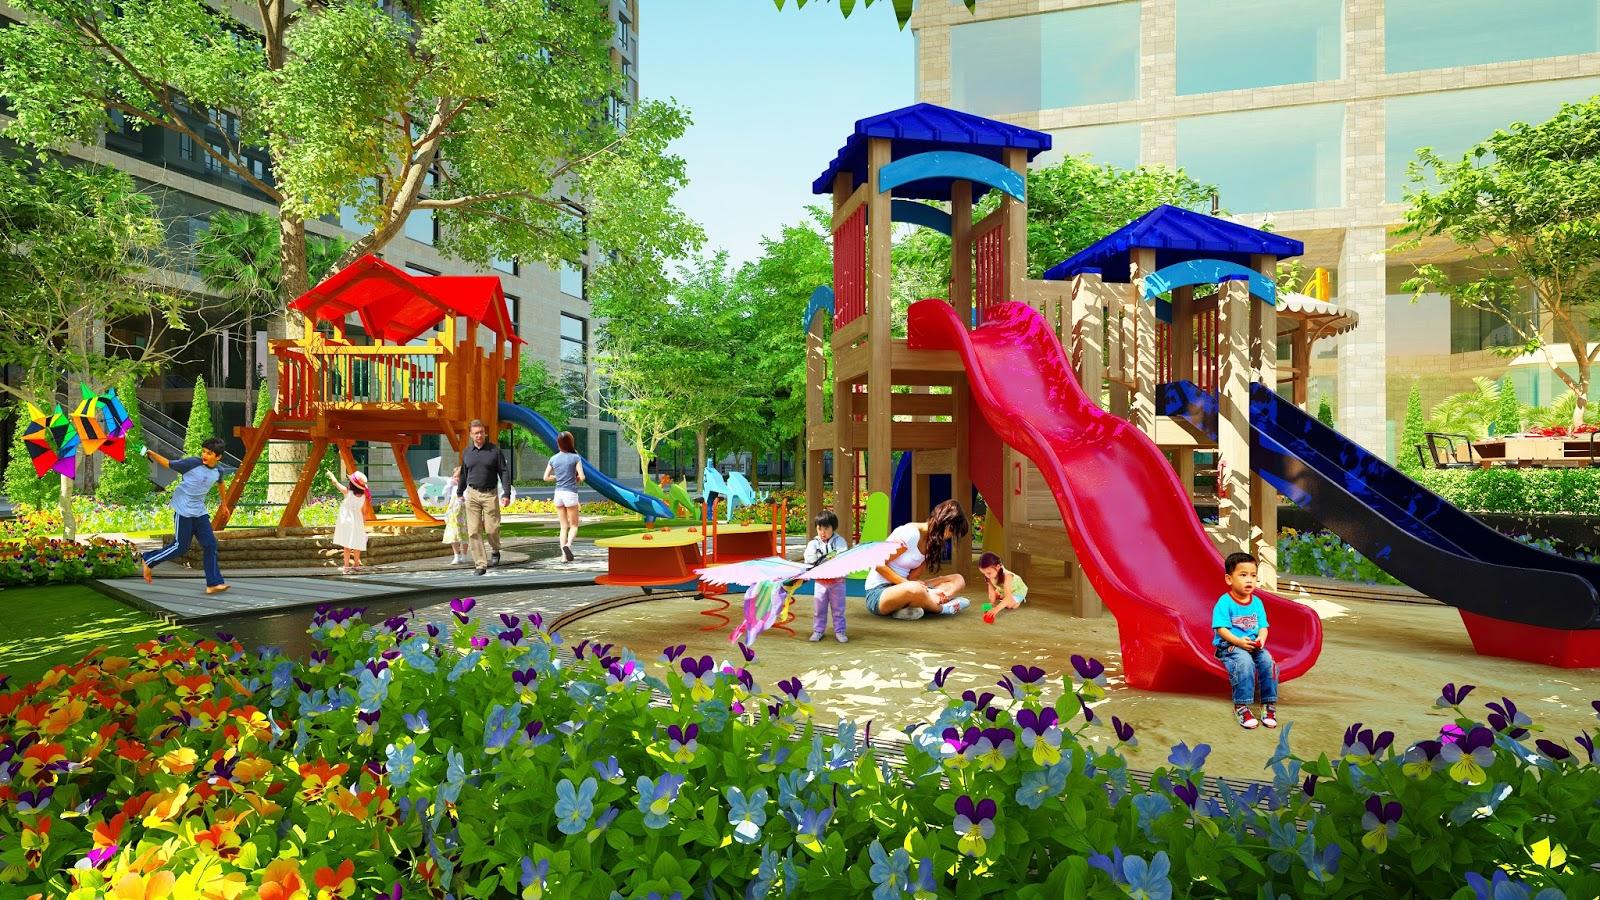 Khu vui chơi trẻ em tại dư án Bcons Garden. Liên hệ xem thực tế dự án  theo Hotline: 0938322.111